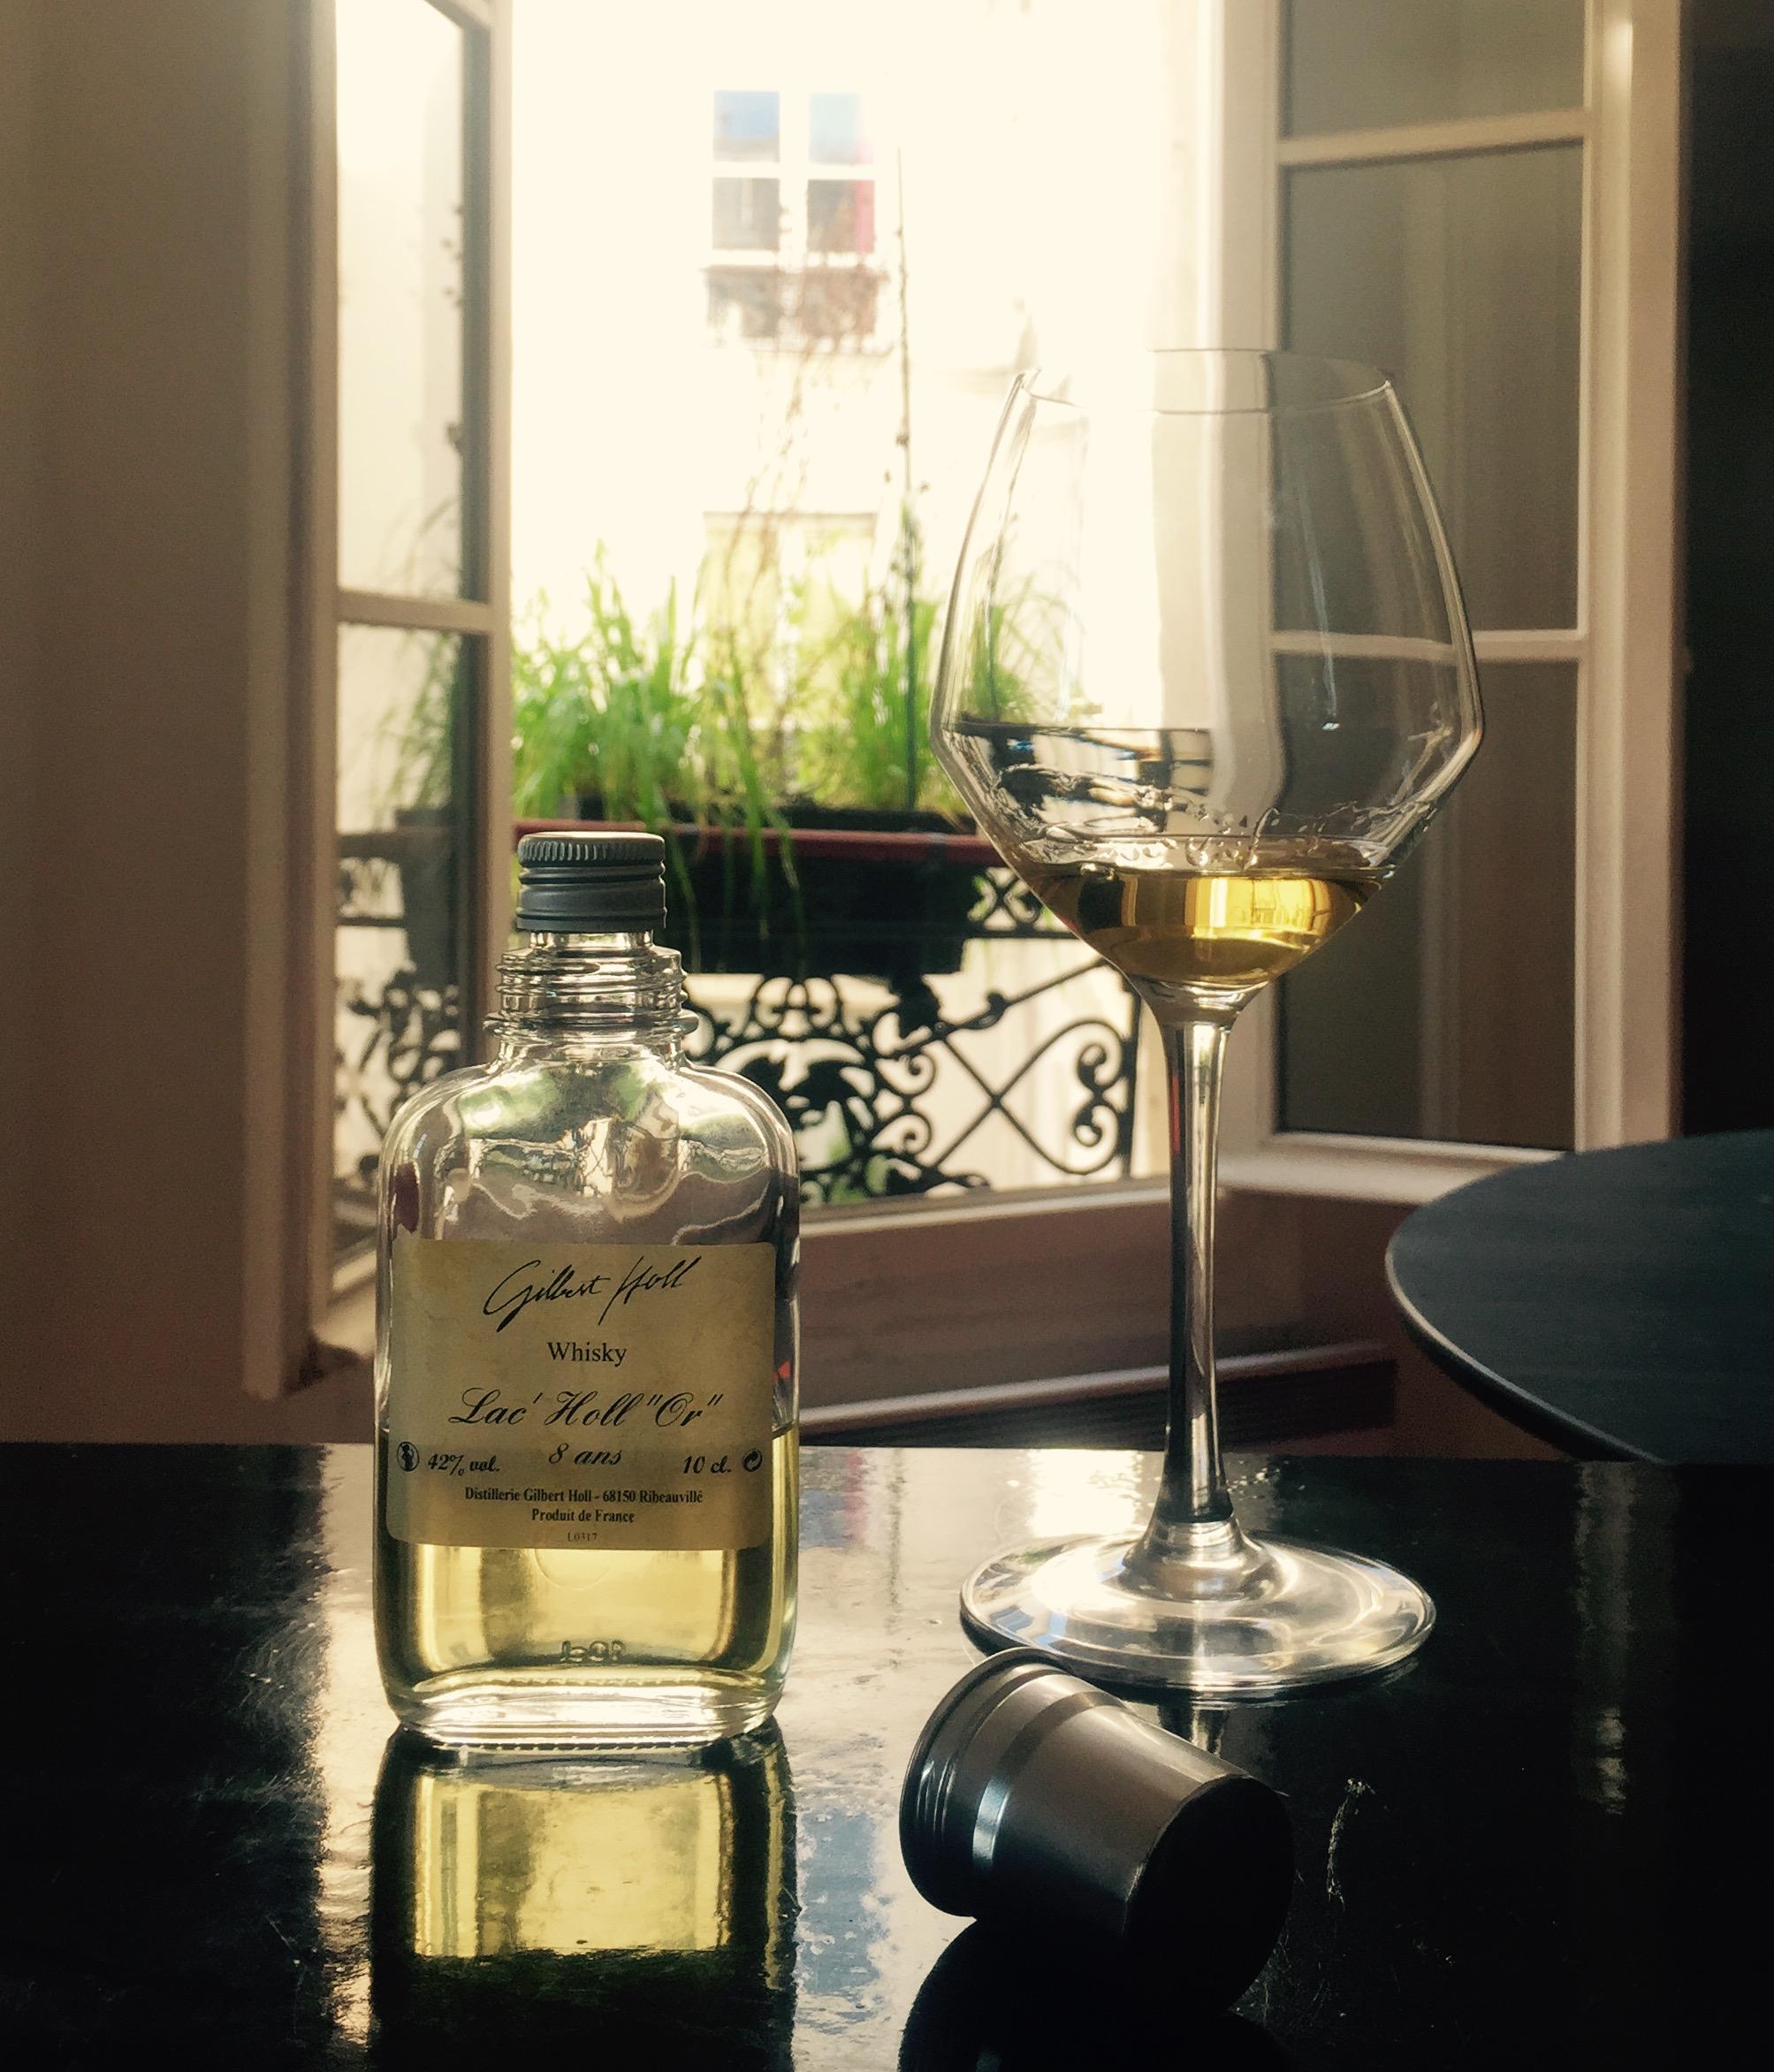 Lac'Holl Or 8 ans, Gilbert Holl, Ribeauvillé, Alsace, orge maltée, alambic à repasse, fûts de chêne Français, Whisky Français, Single Malt.